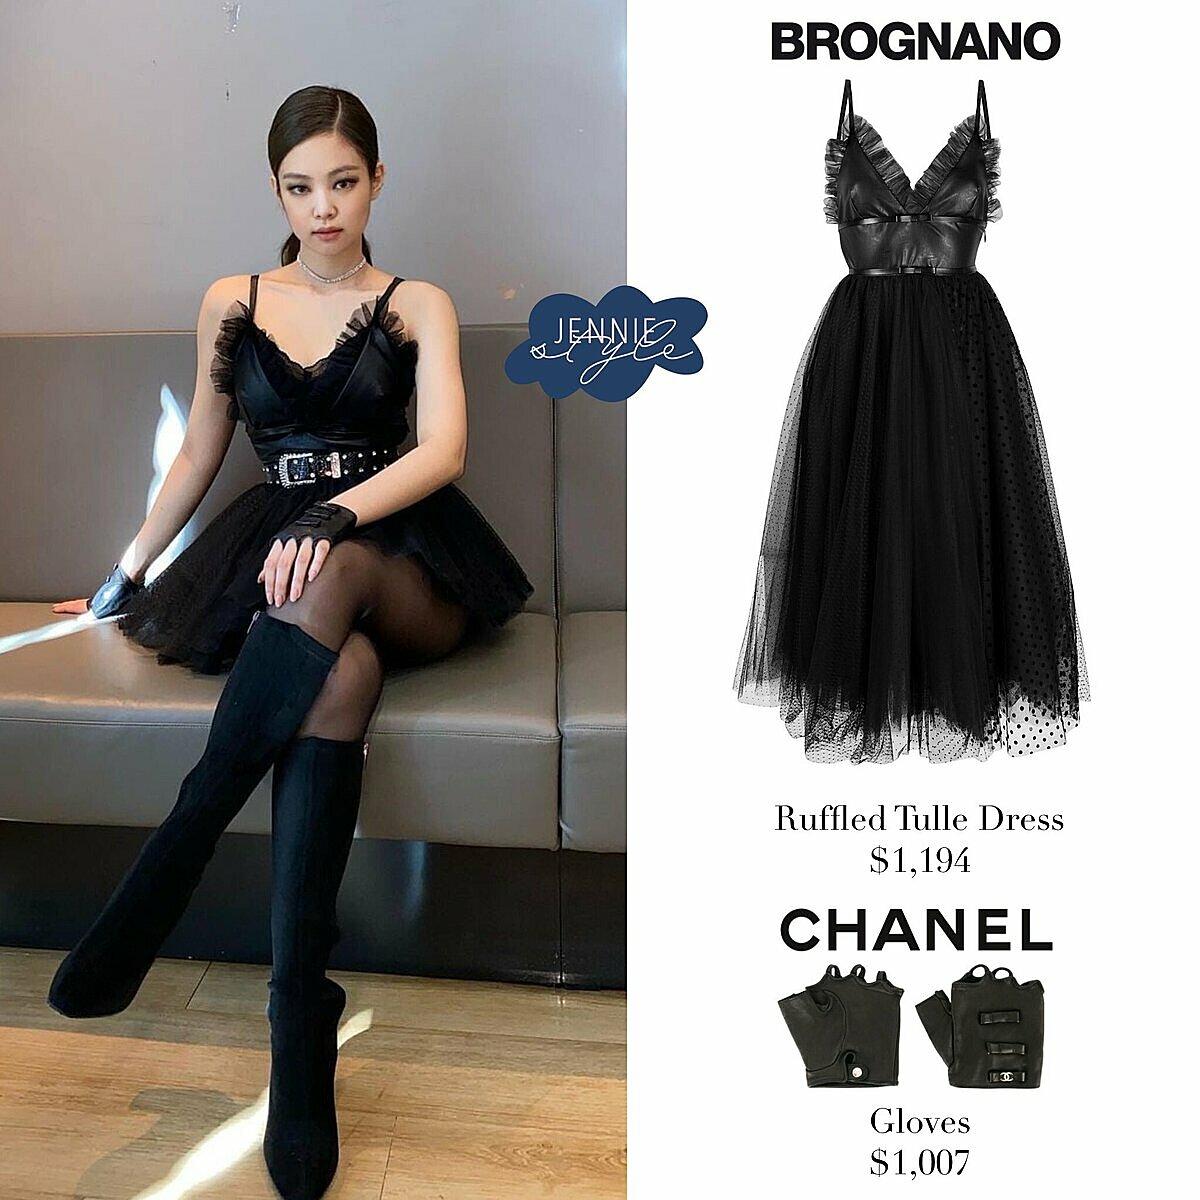 Bộ váy của Jennie đến từ thương hiệu Brognano có giá 1.194 USD. Đôi găng tay Chanel xa xỉ có giá 1.007 USD.